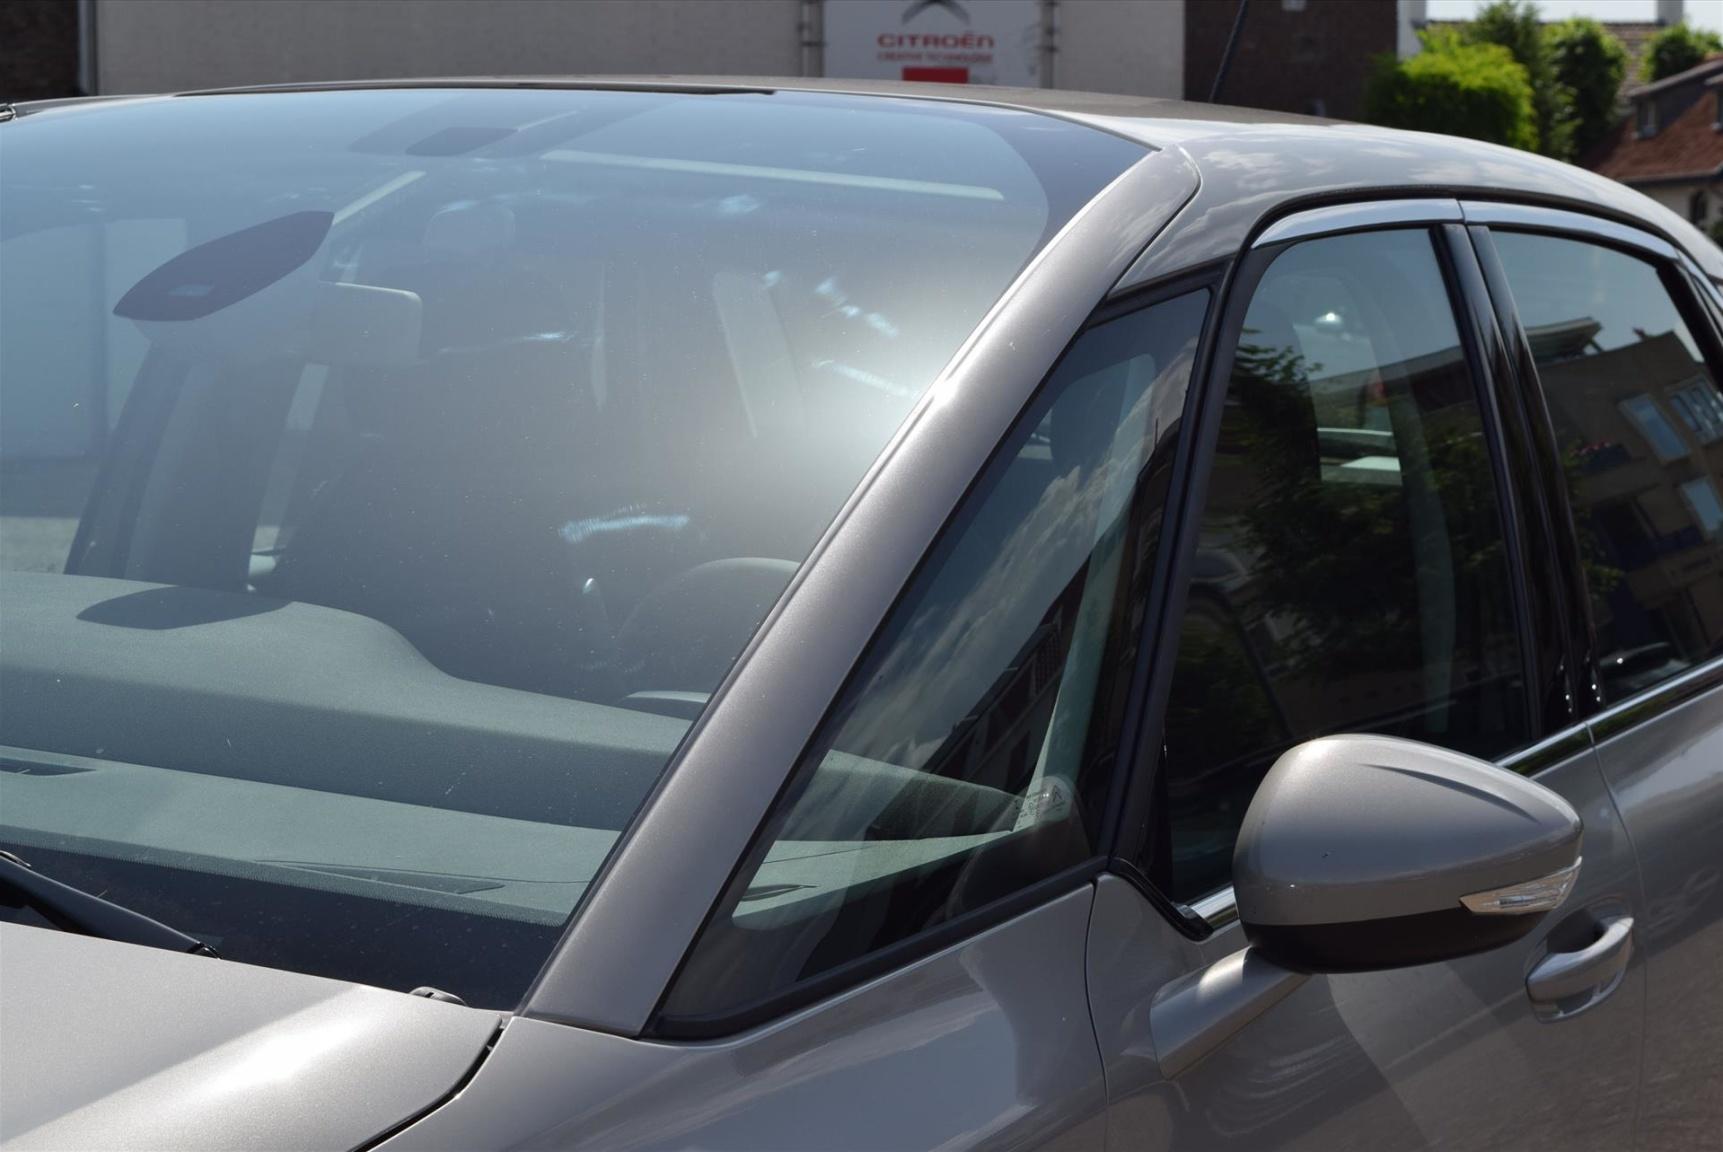 Citroën-C4 Spacetourer-7